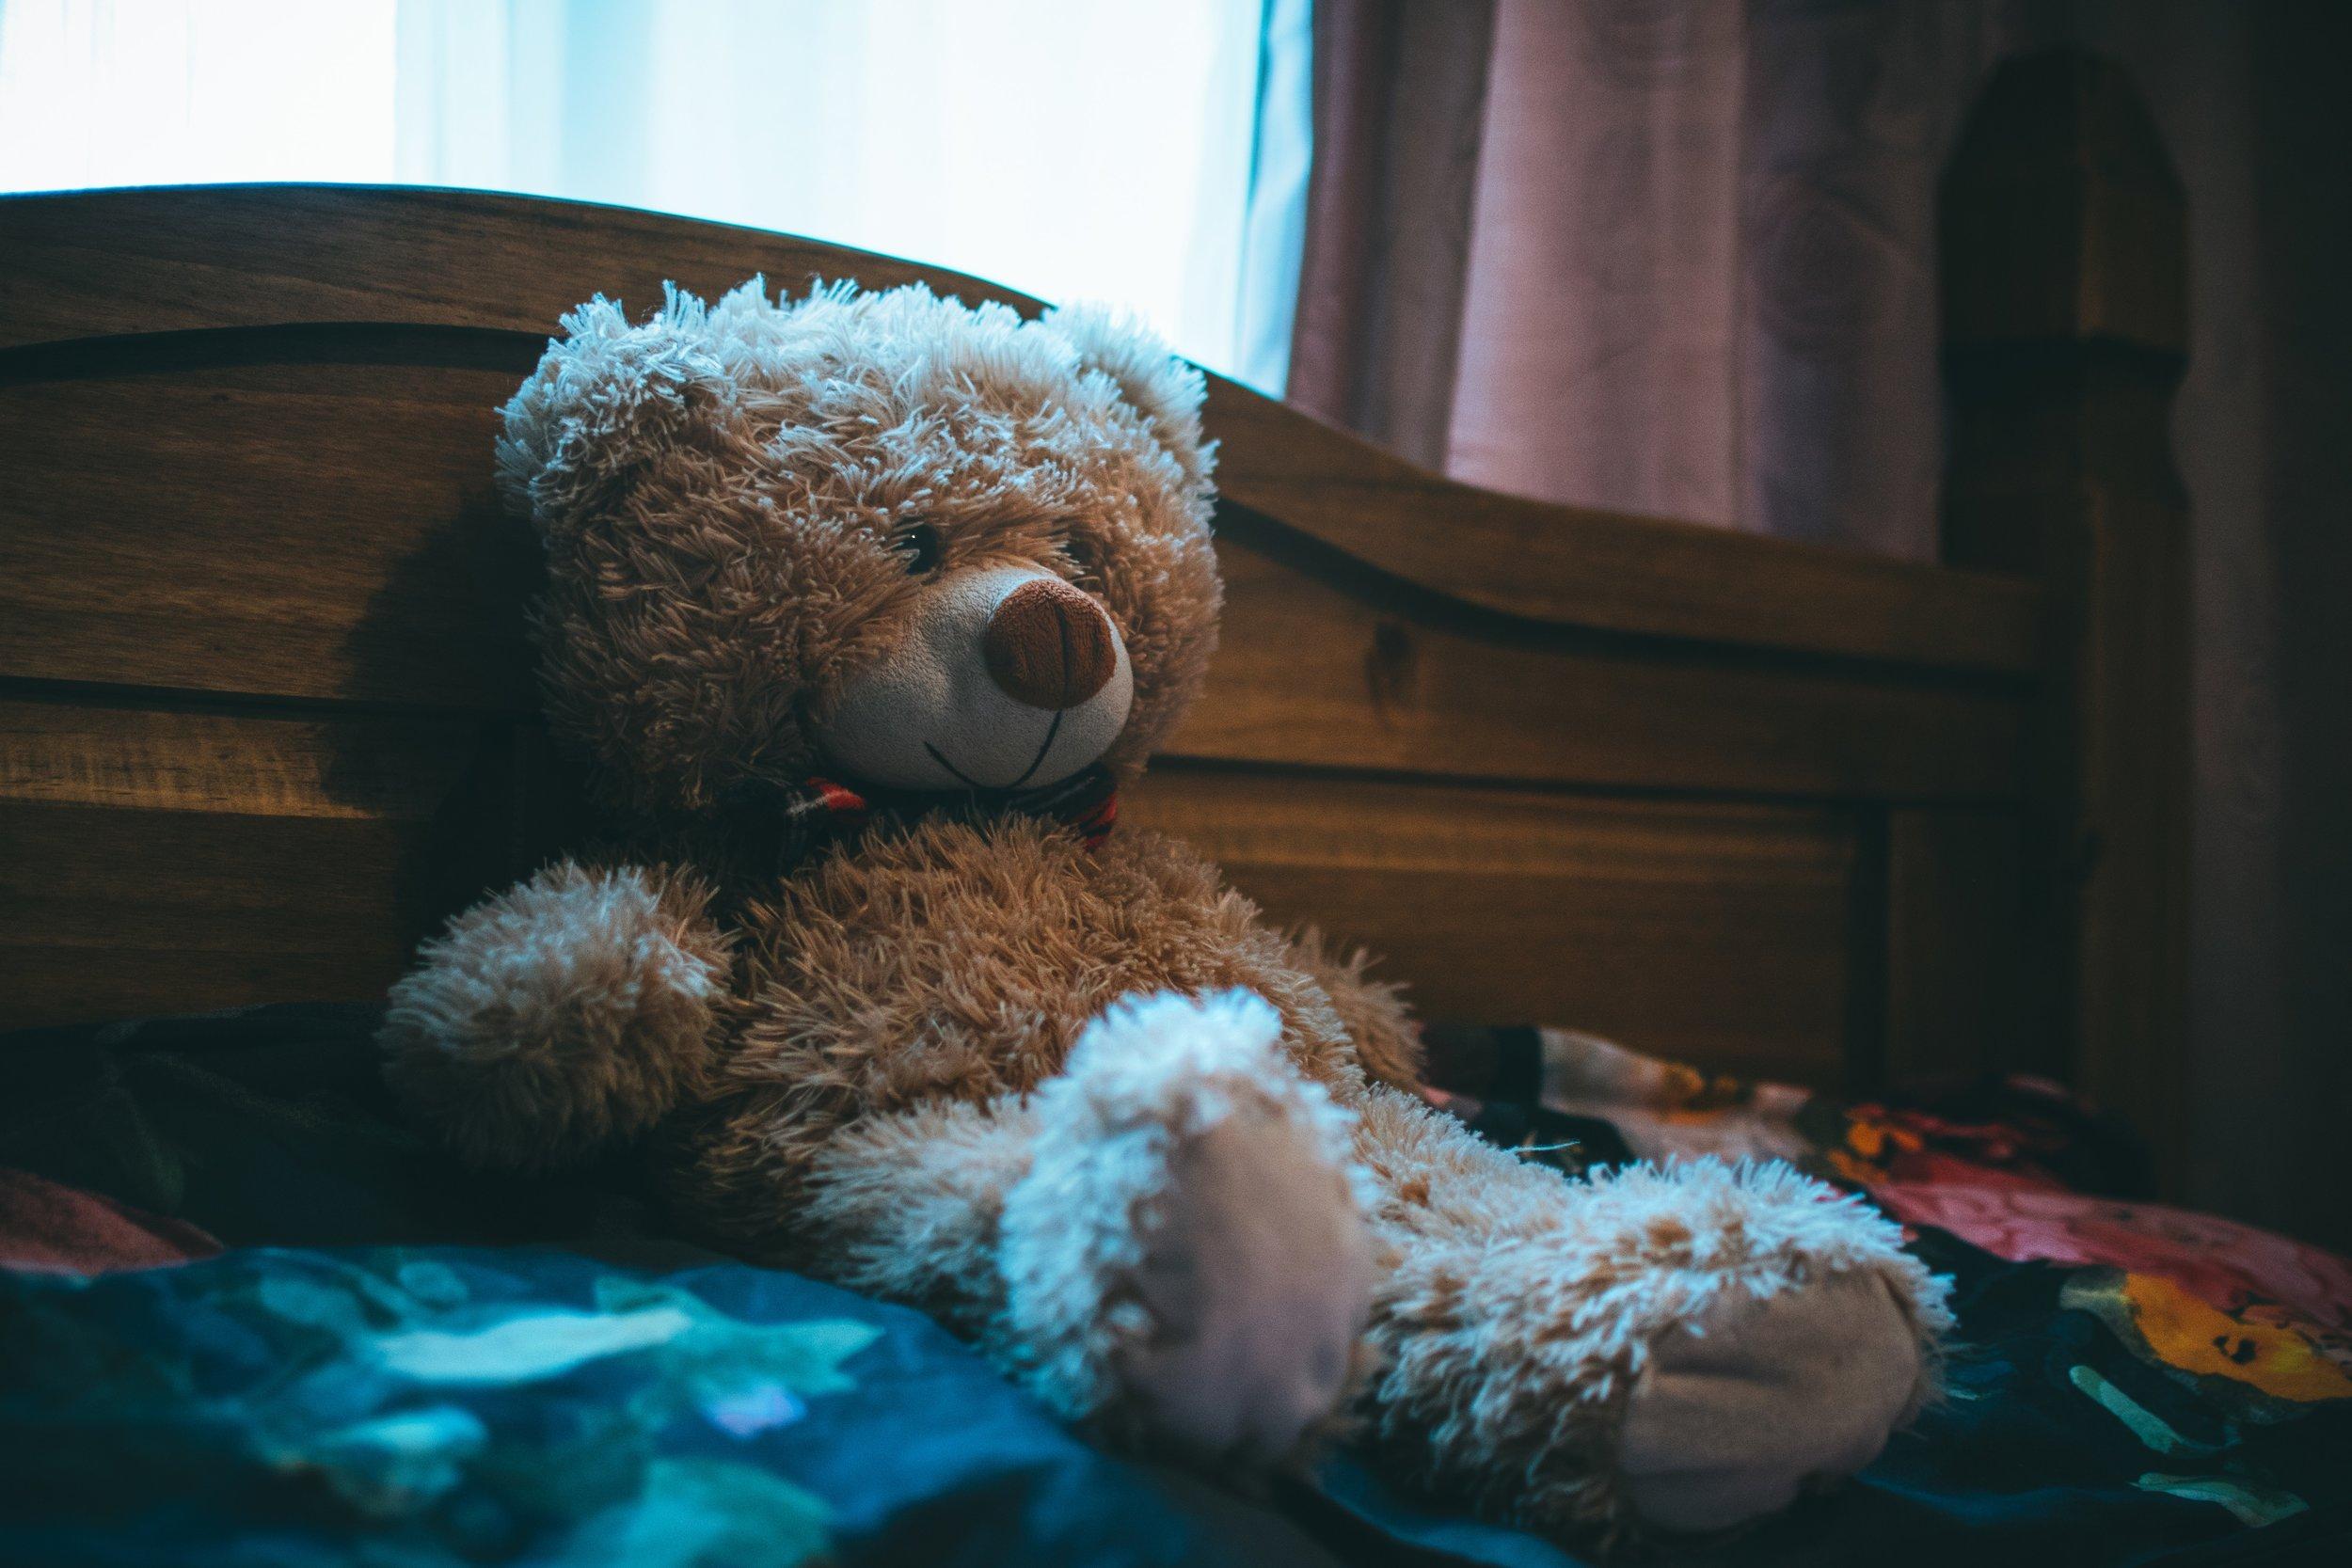 bear-bed-bedroom-832999.jpg